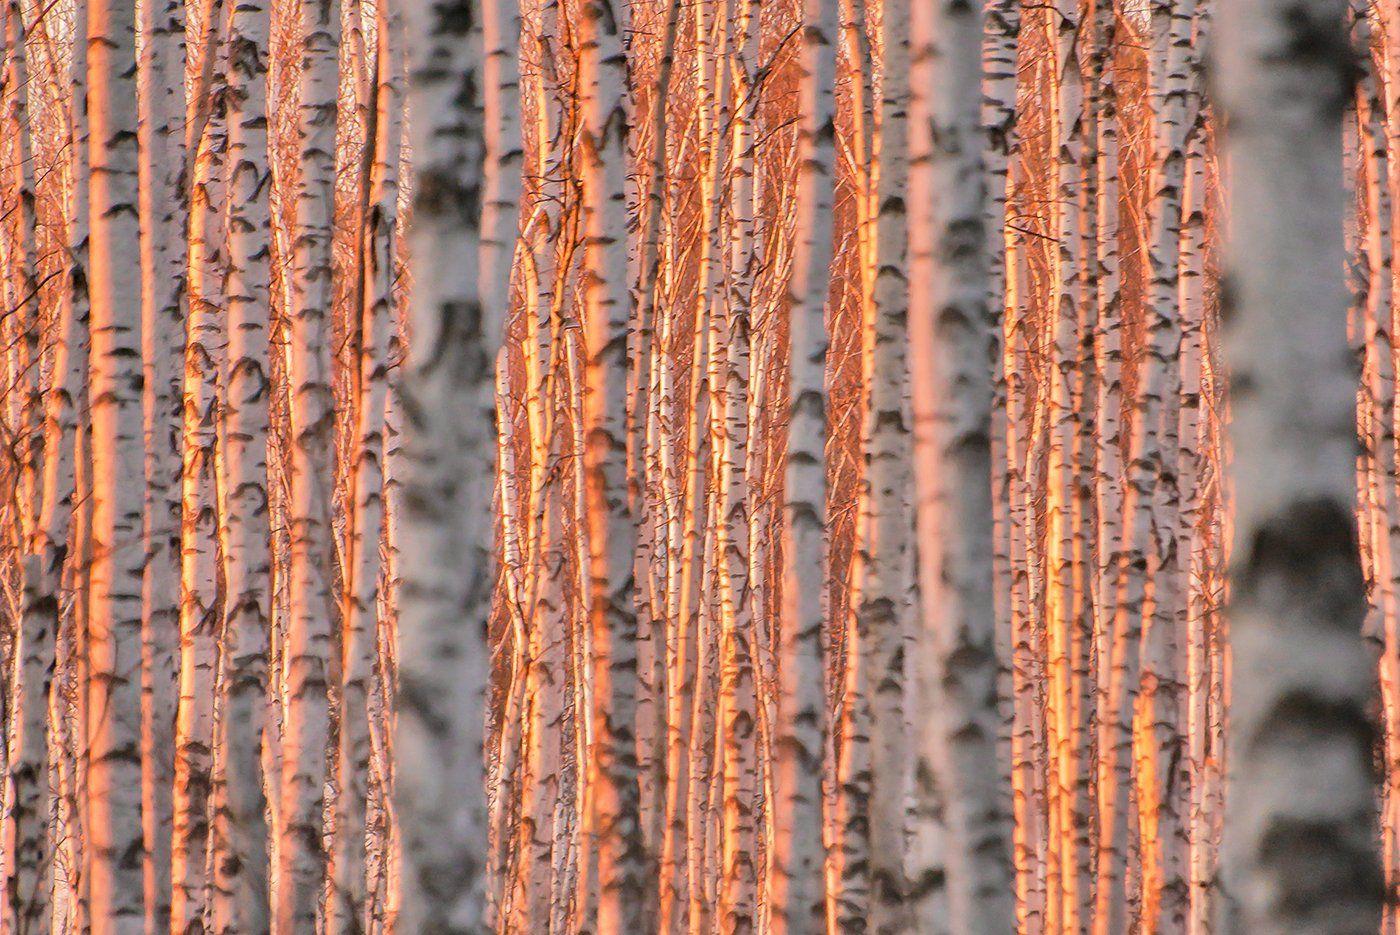 мещёра, рязанская область, березы, весна, закат, березовая роща, Валерий Пешков